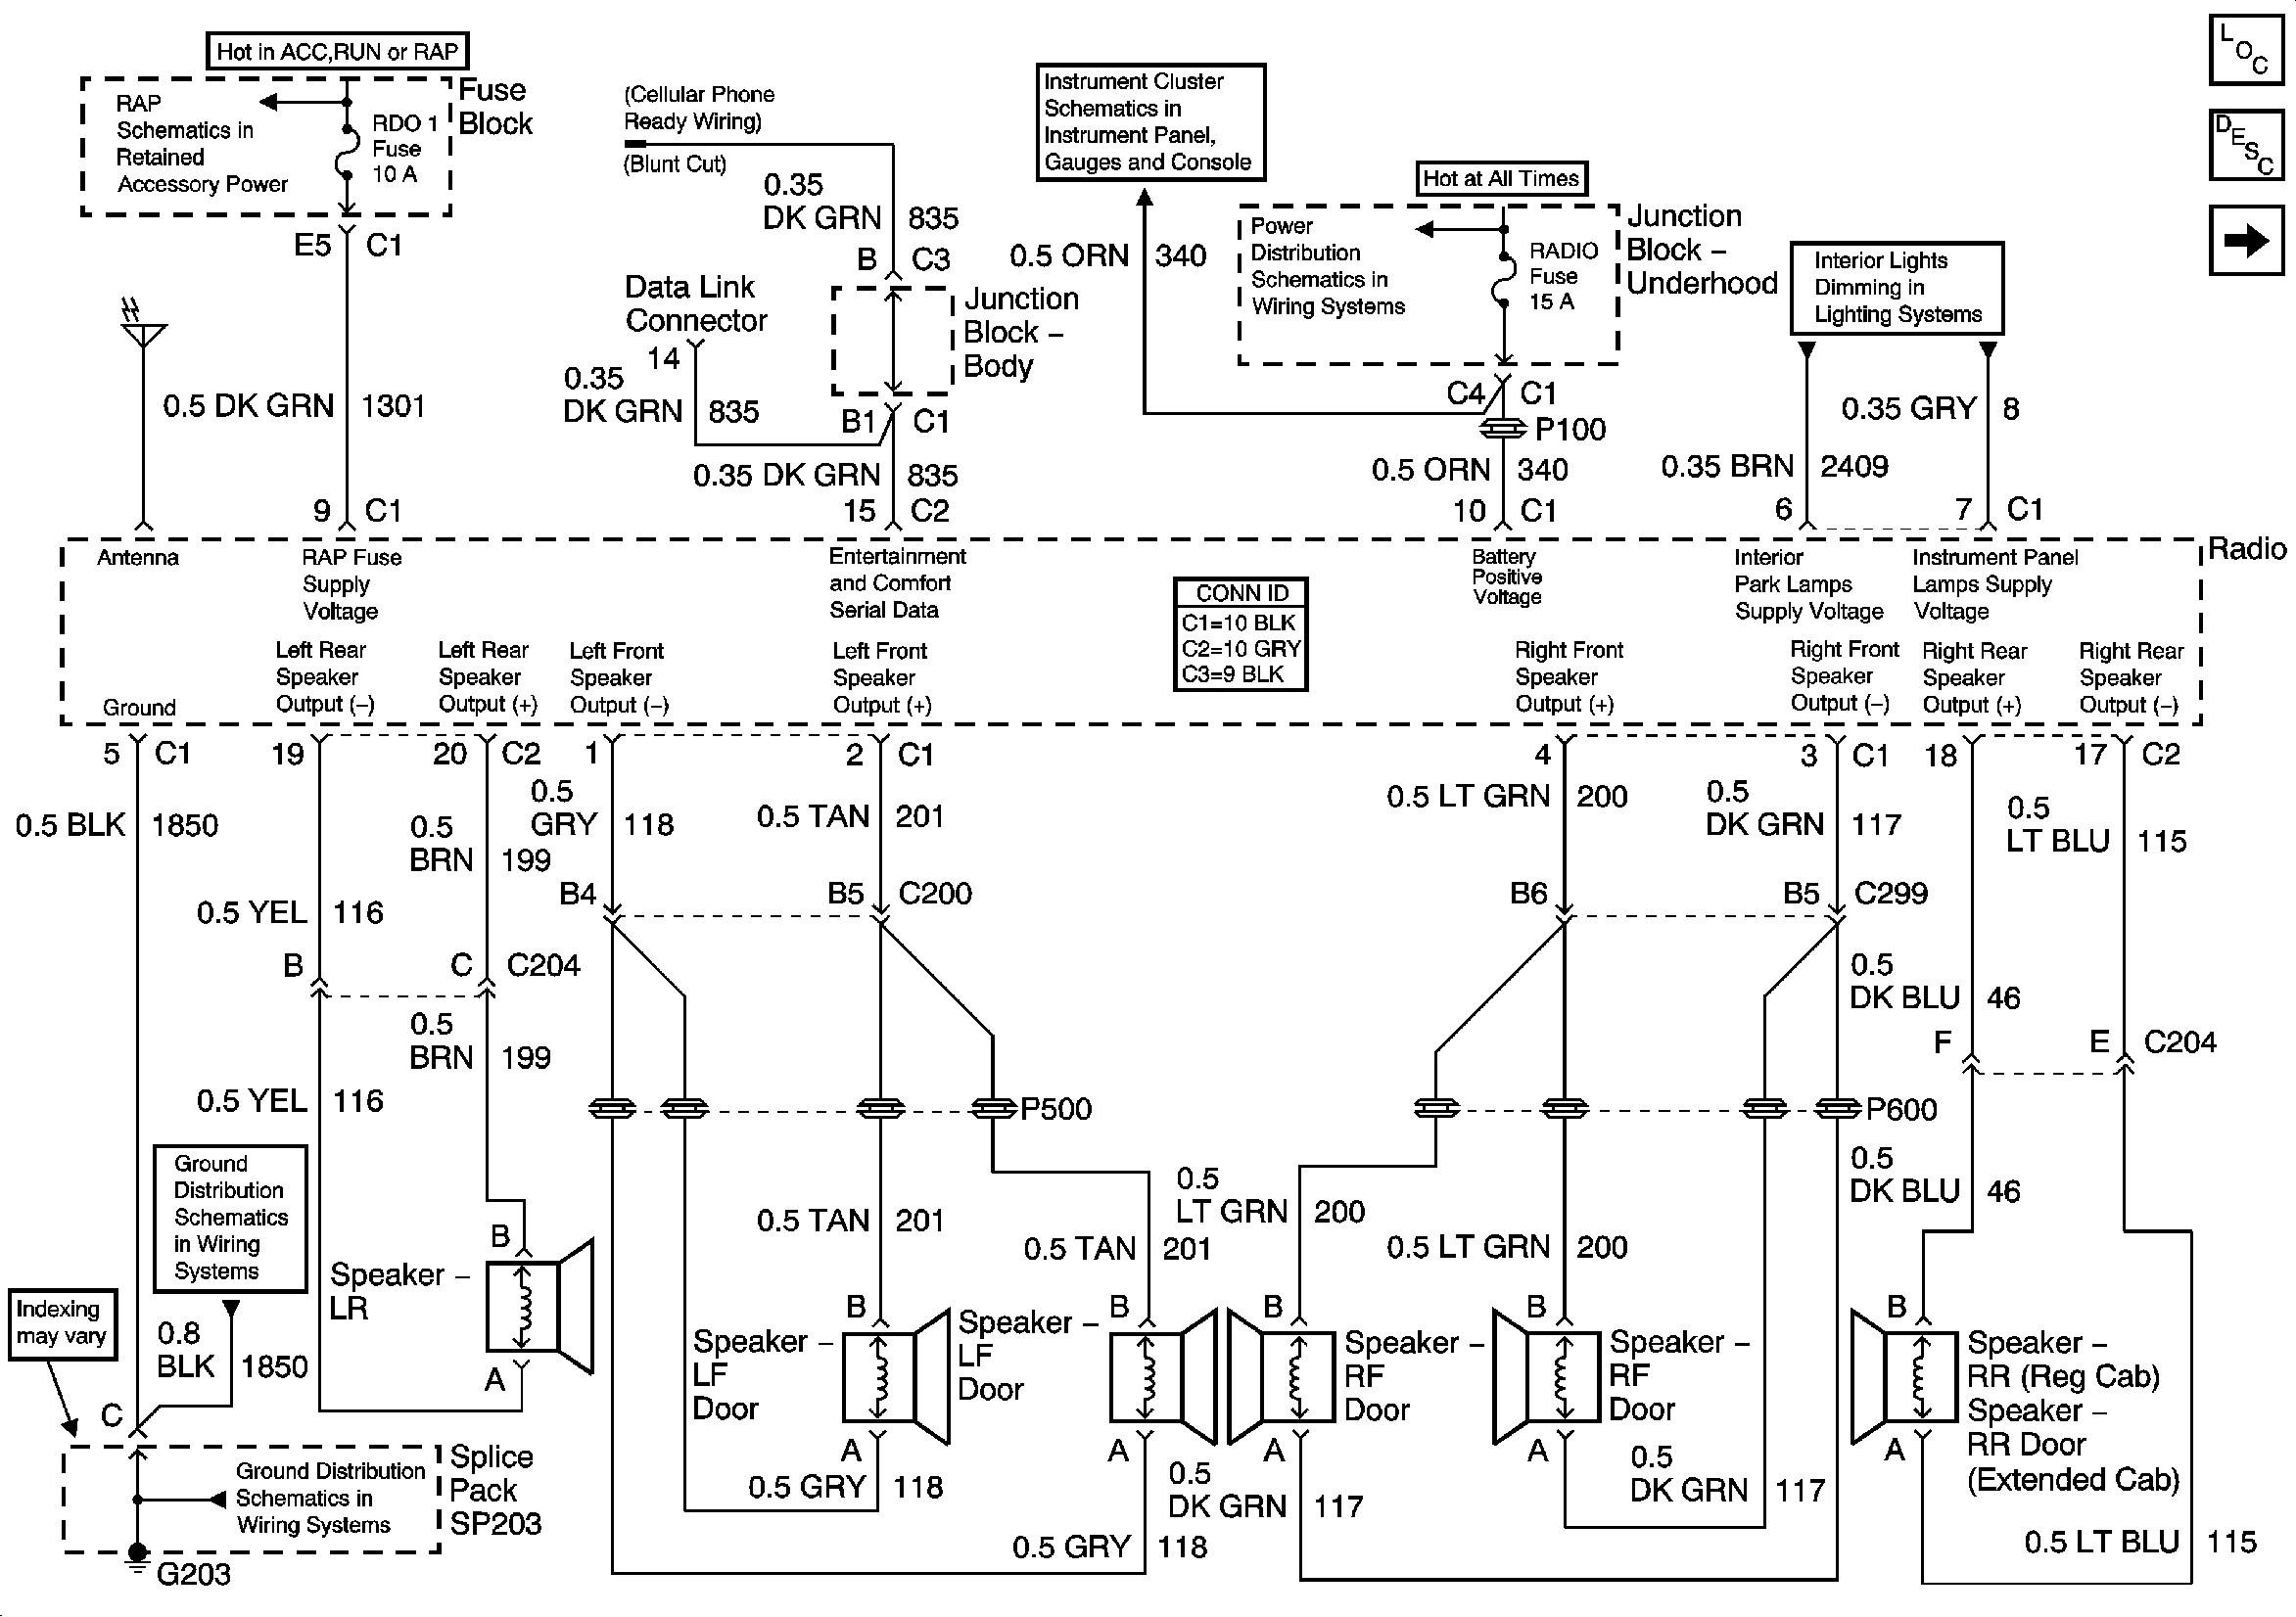 Wiring Diagram For 2003 Chevy Venture - Complete Wiring Schemas